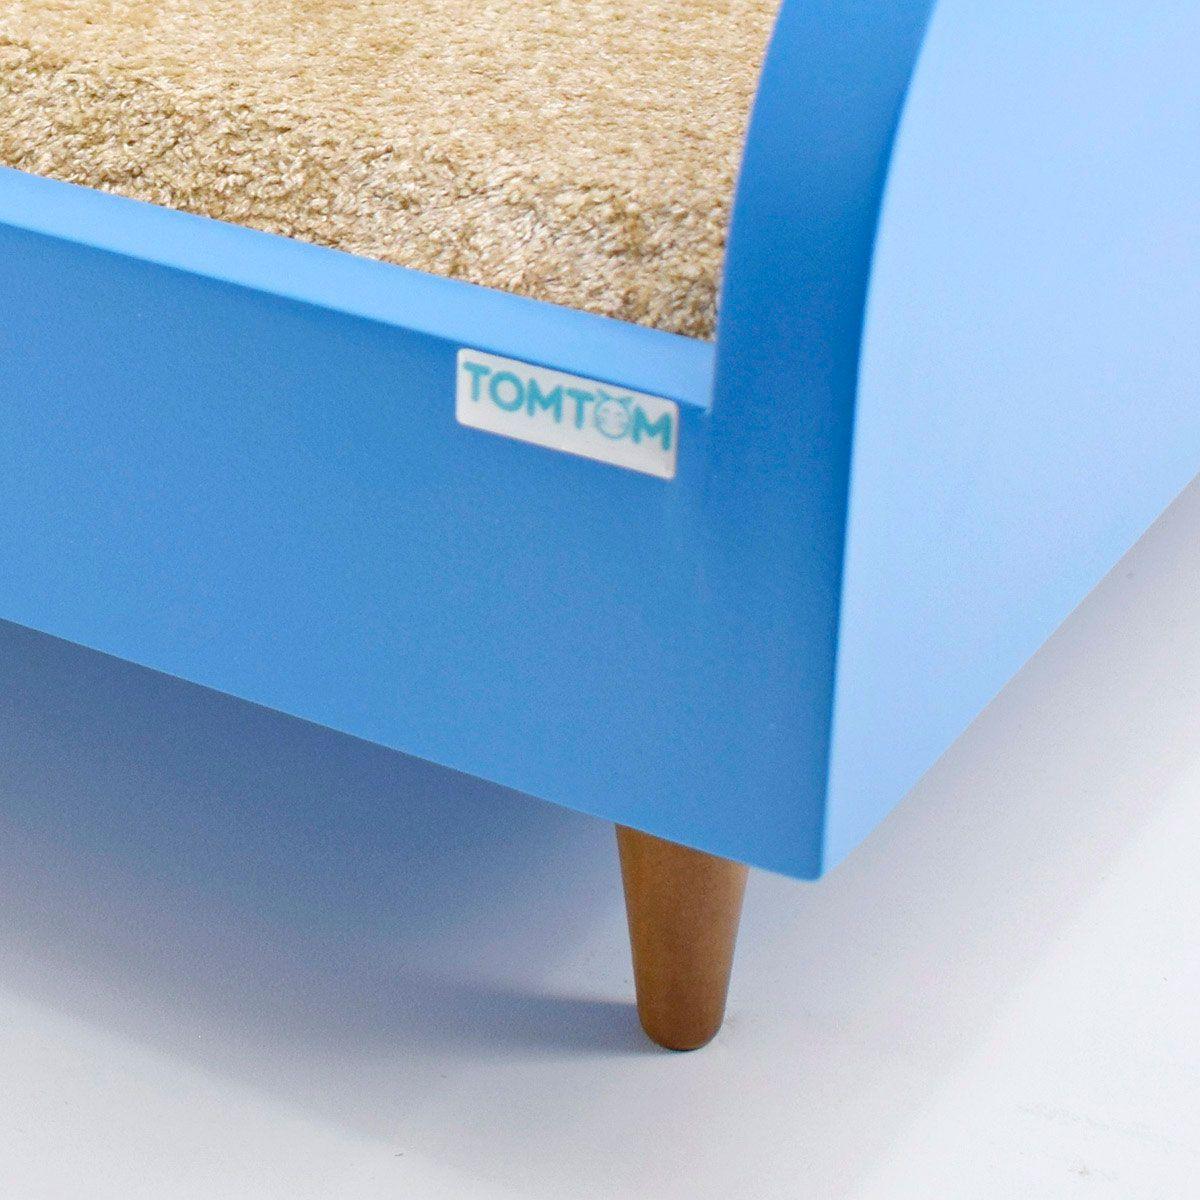 Sofá para Cachorro Médio Tomtom Pet Azul - M